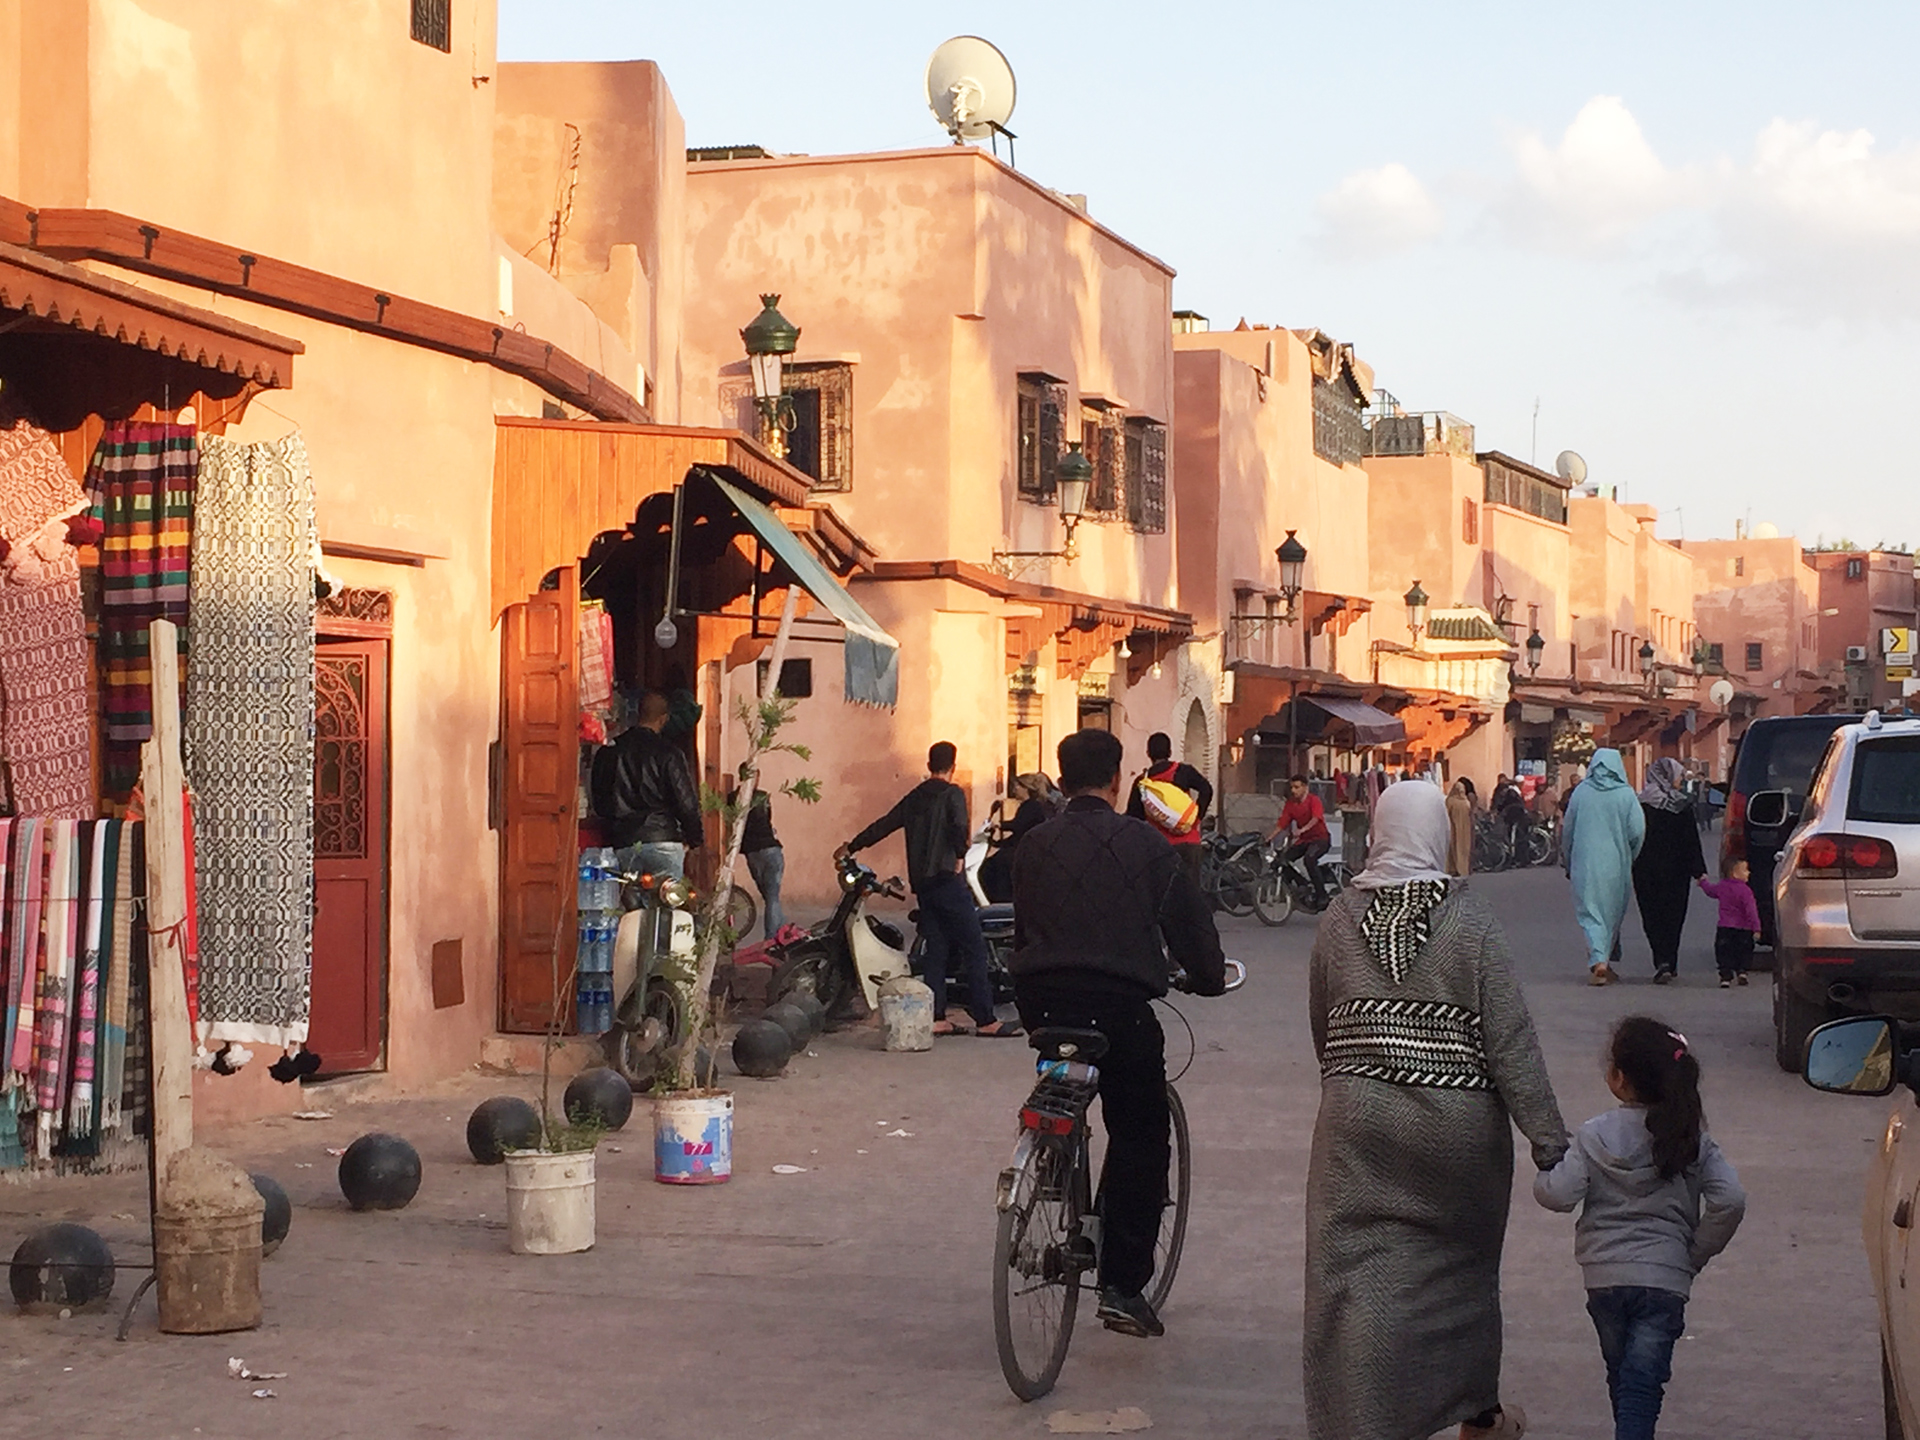 Marrakech Street.jpg